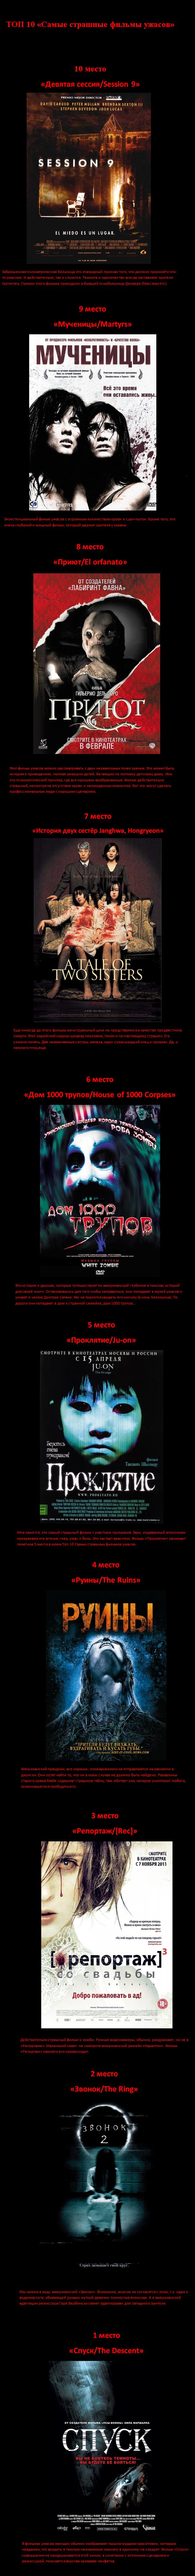 самые страшные фильмы ужасов топ 10 ёжинру